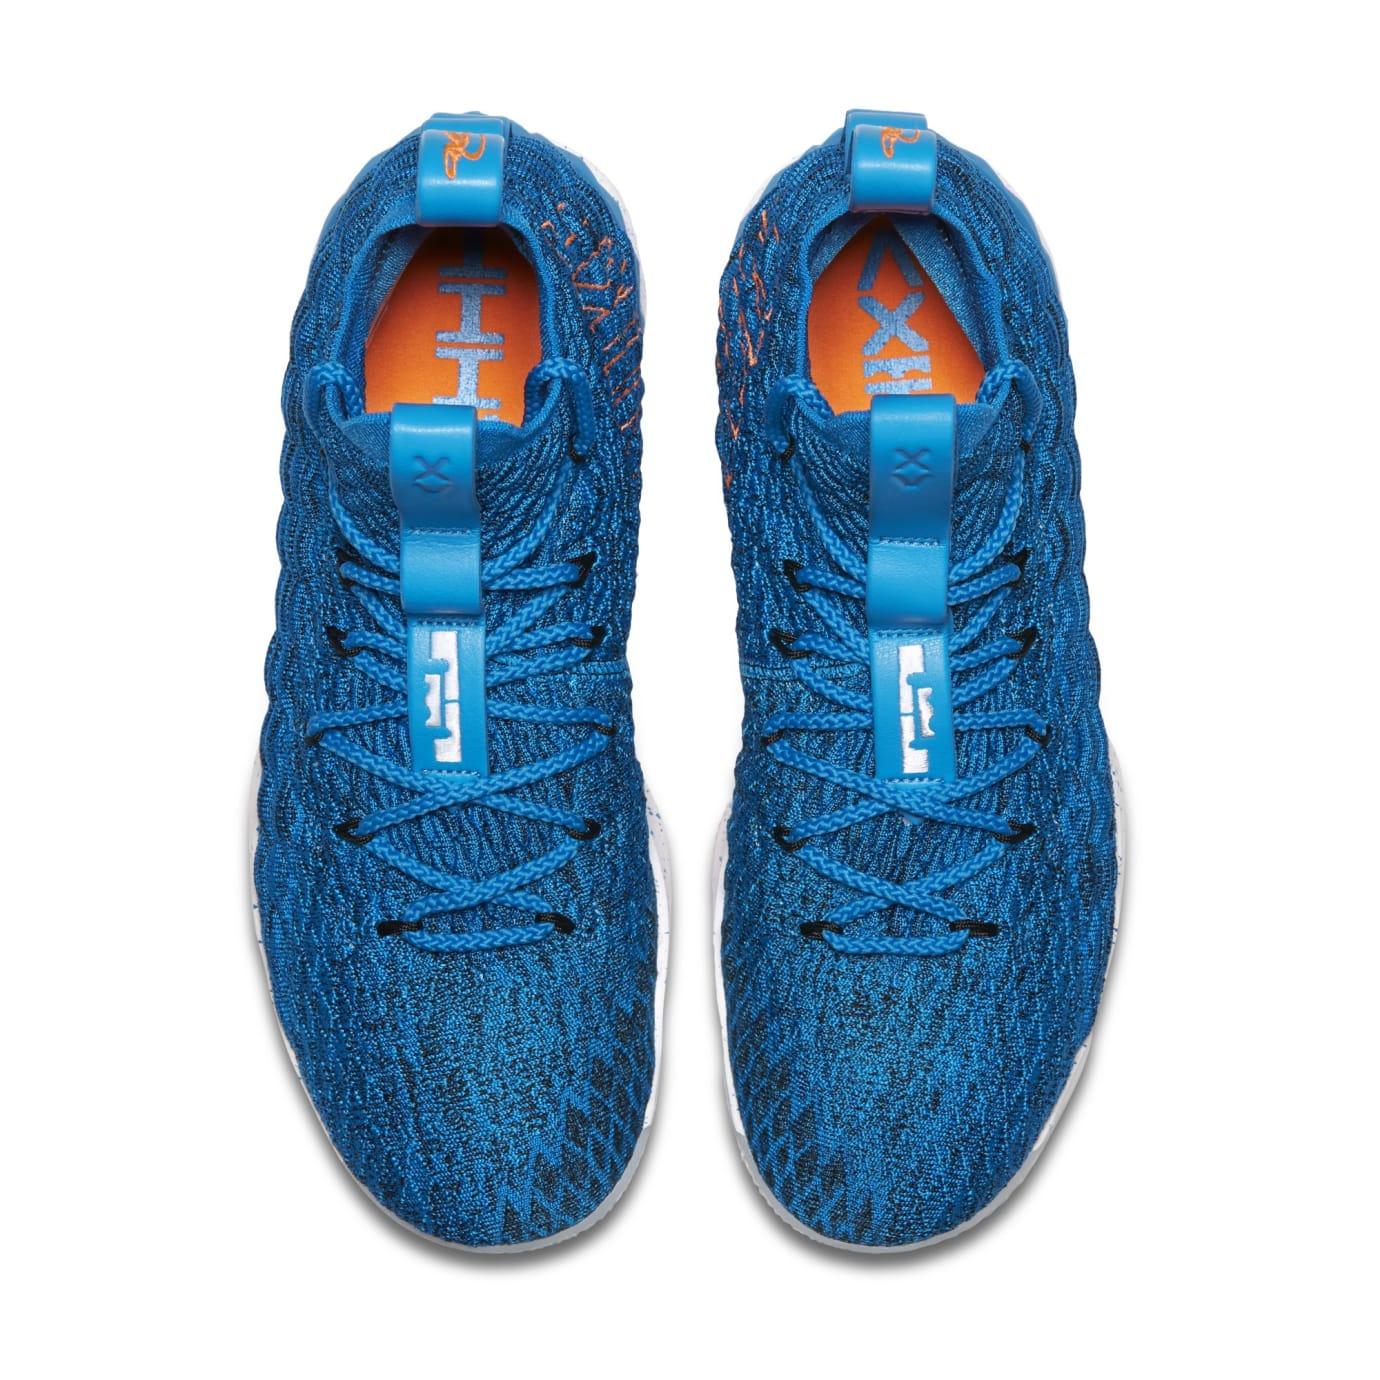 huge discount 00b61 b3583 Image via Nike Nike LeBron 15  HWC  897648-400 (Top)